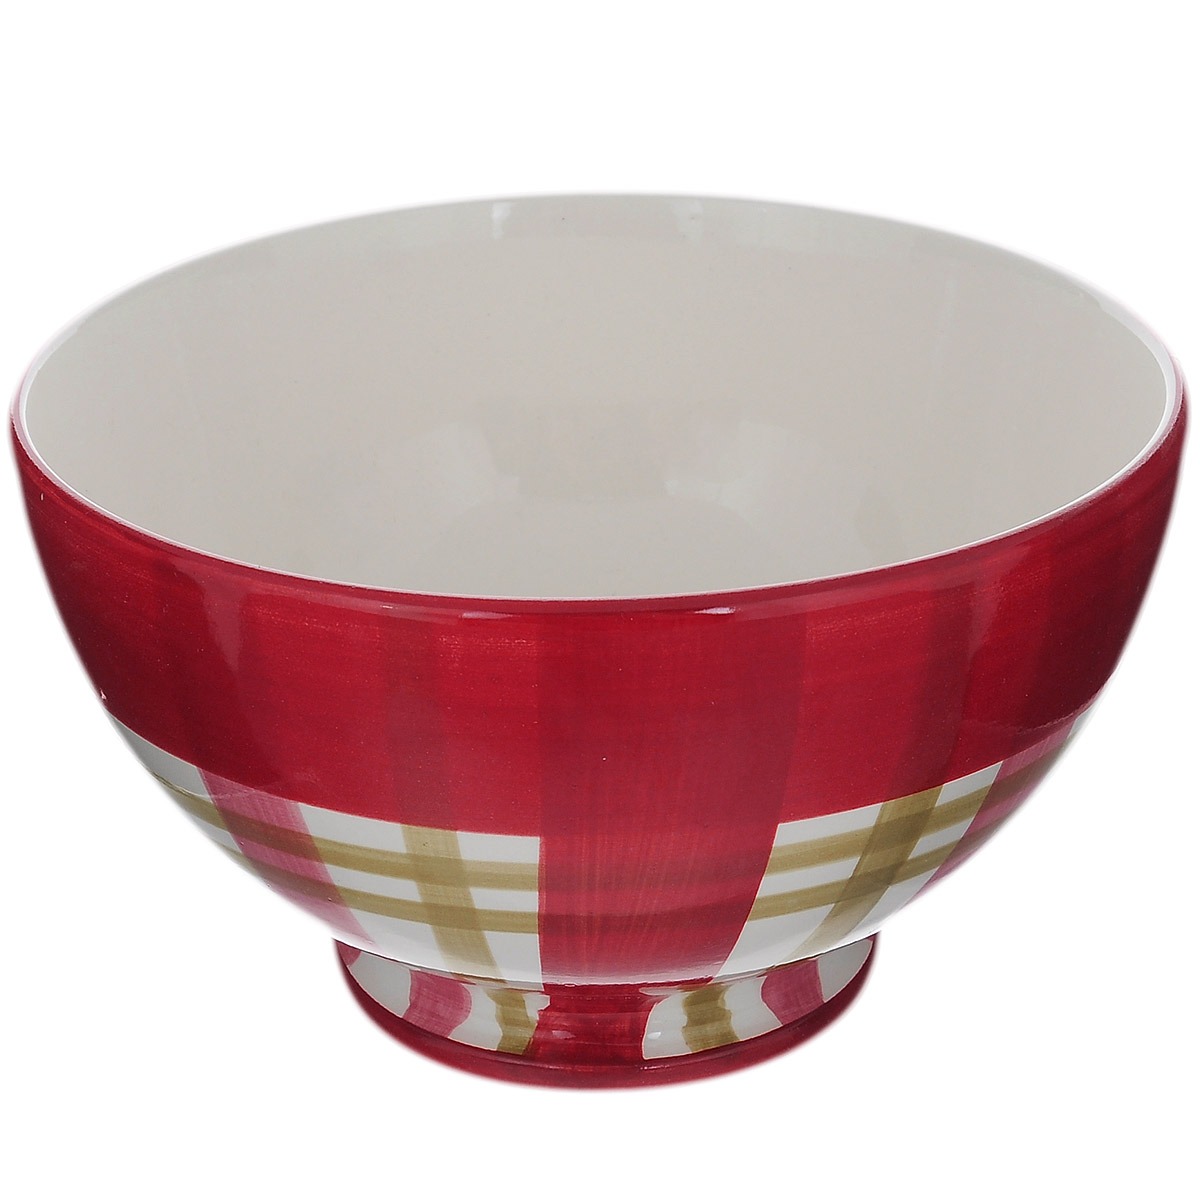 Салатник Polnaya Chasha Вишня, диаметр 18 см54 009312Салатник Polnaya Chasha Вишня изготовлен из высококачественной глазурованной керамики и оформлен рисунком в клетку. Такой салатник прекрасно подойдет для подачи салатов и закусок. Он ярко украсит ваш стол и станет практичным аксессуаром на вашей кухне. Коллекция Вишня - это очень модный и современный дизайн для использования каждый день на вашем столе. Каждый предмет данной коллекции эксклюзивно раскрашен вручную с помощью ярких устойчивых красок. Подходит для использования в микроволновых печах, а также для мытья в посудомоечных машинах. Диаметр: 18 см. Высота стенки: 10,5 см.